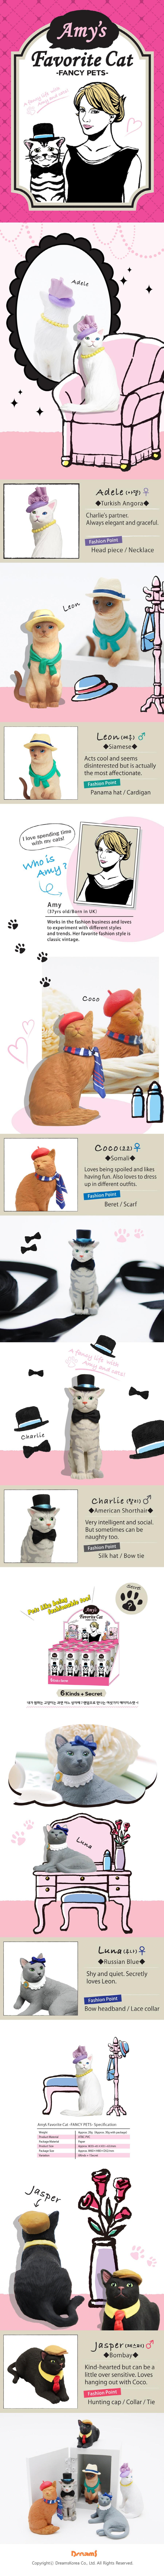 에이미스캣 미니피규어 - Amys Cat (박스) - 소니엔젤, 106,800원, PVC 토이, 캐릭터